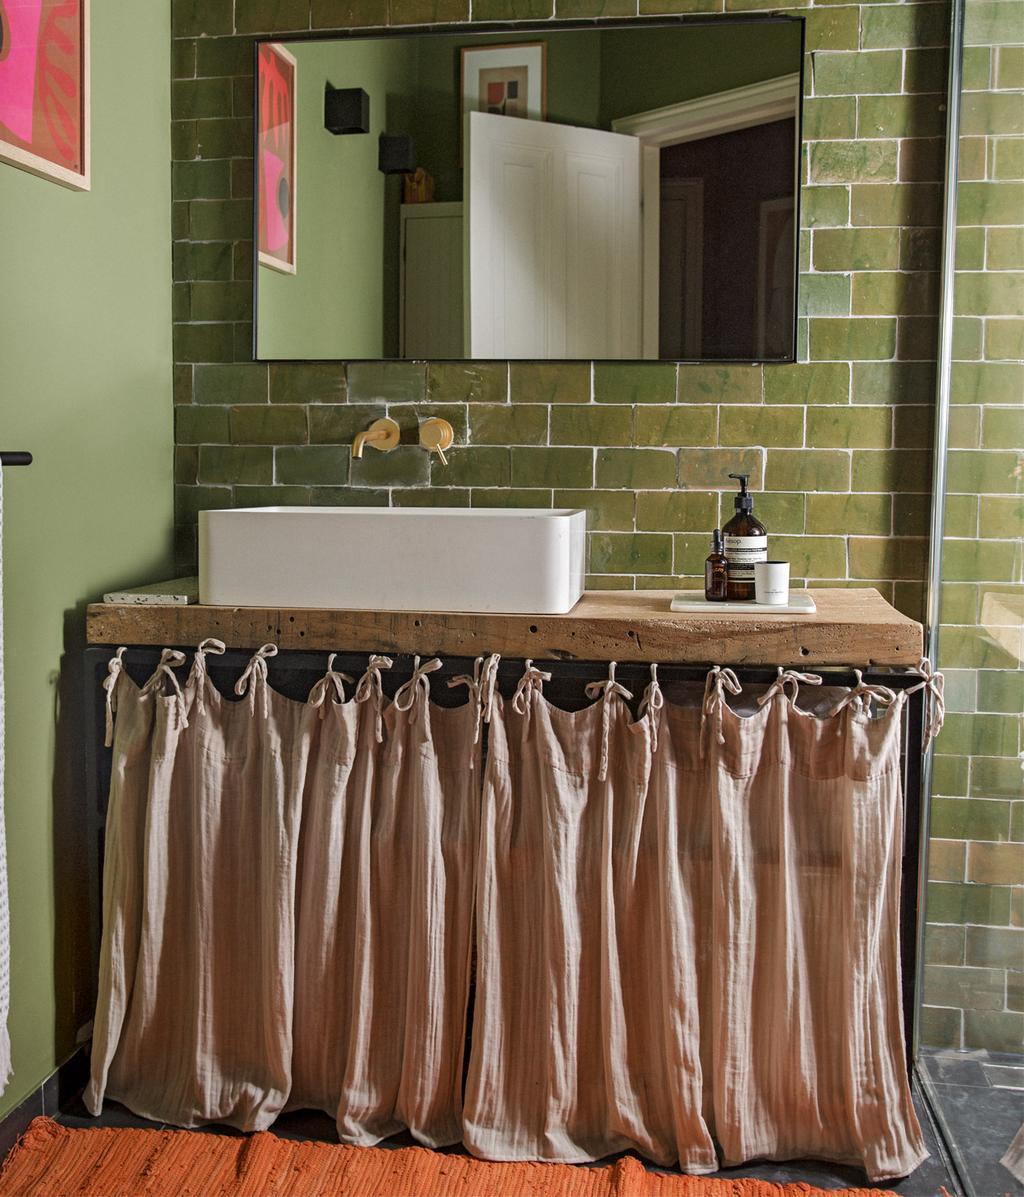 Badkamerkastje met gordijn | vtwonen 11-2020